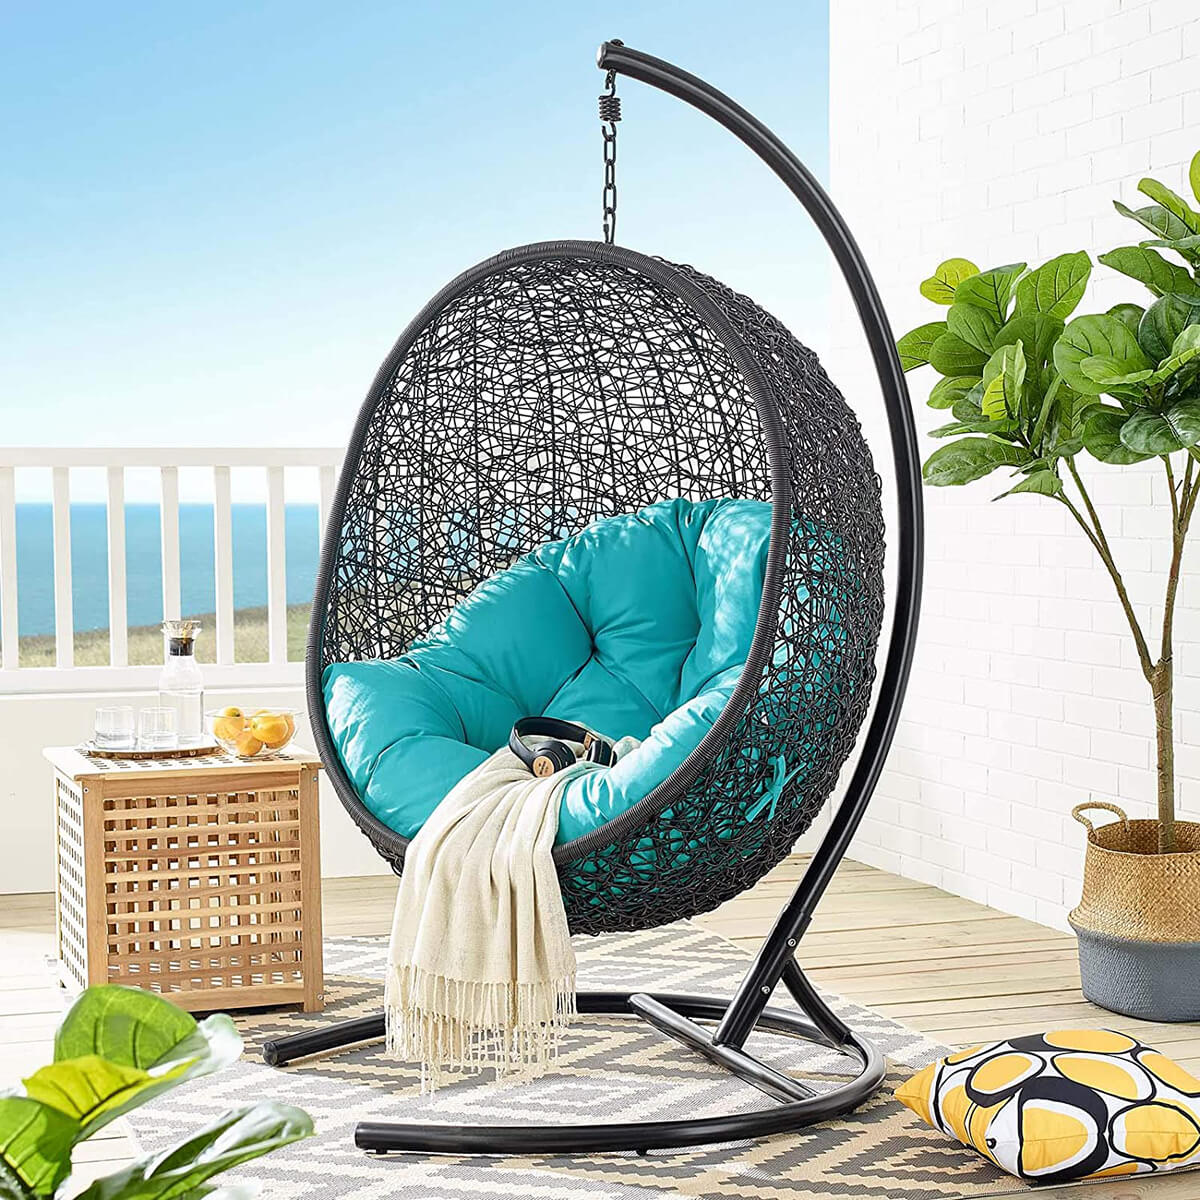 Encase Wicker Rattan Porch Lounge Egg Chair